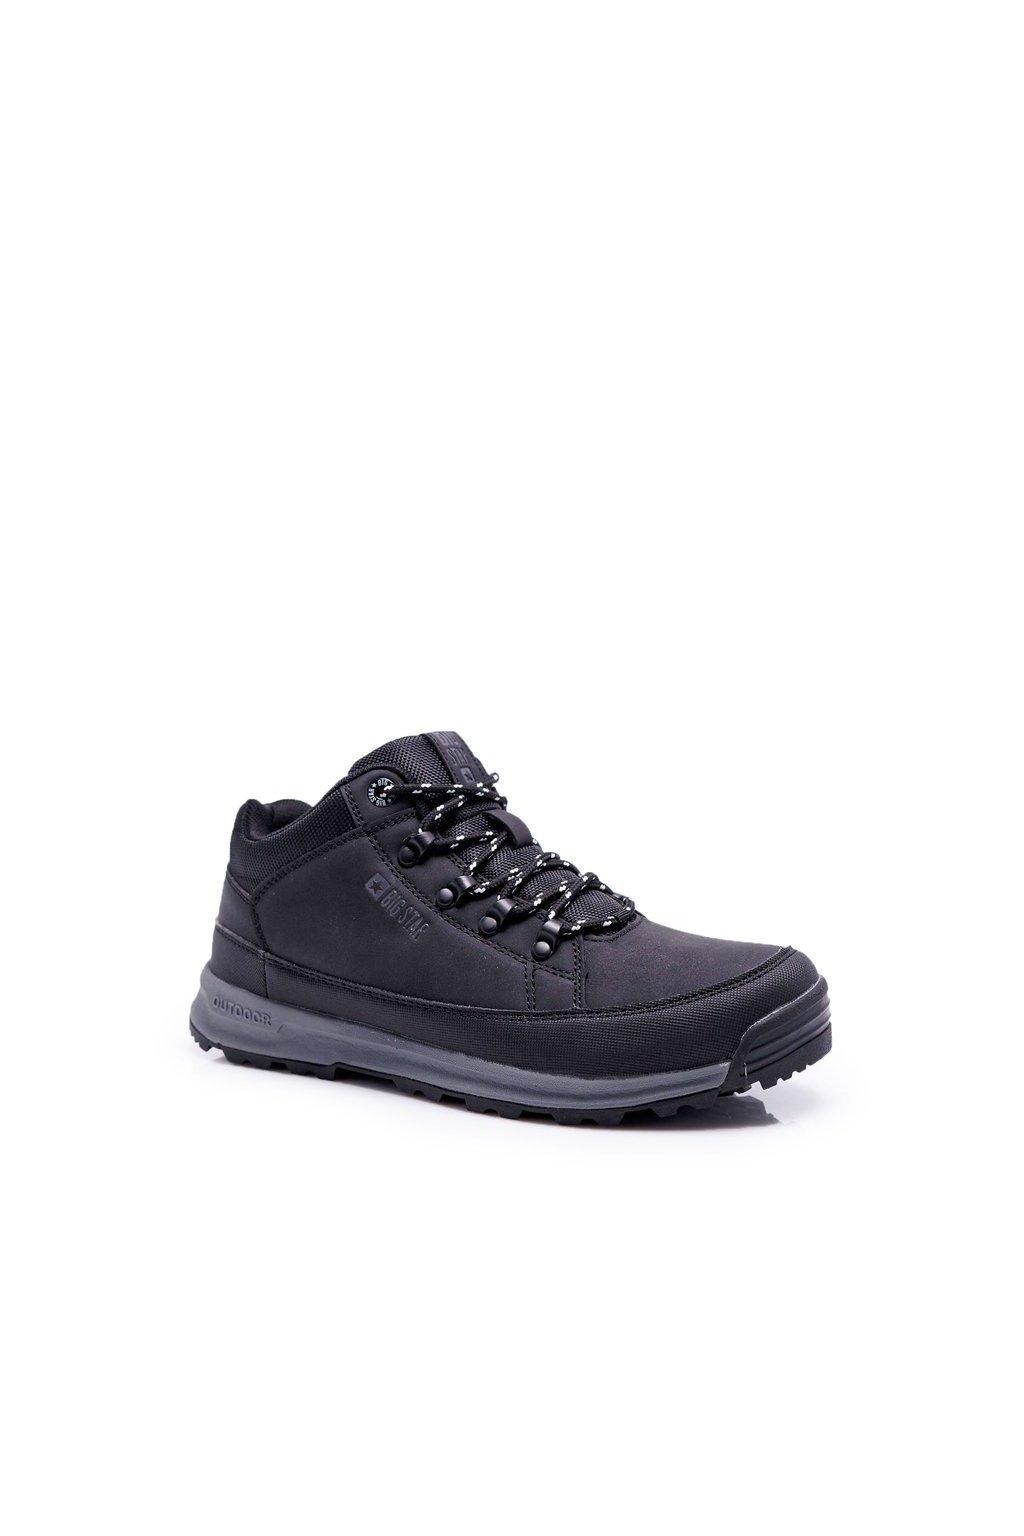 Pánske trekingové topánky farba čierna kód obuvi EE274816 BLK